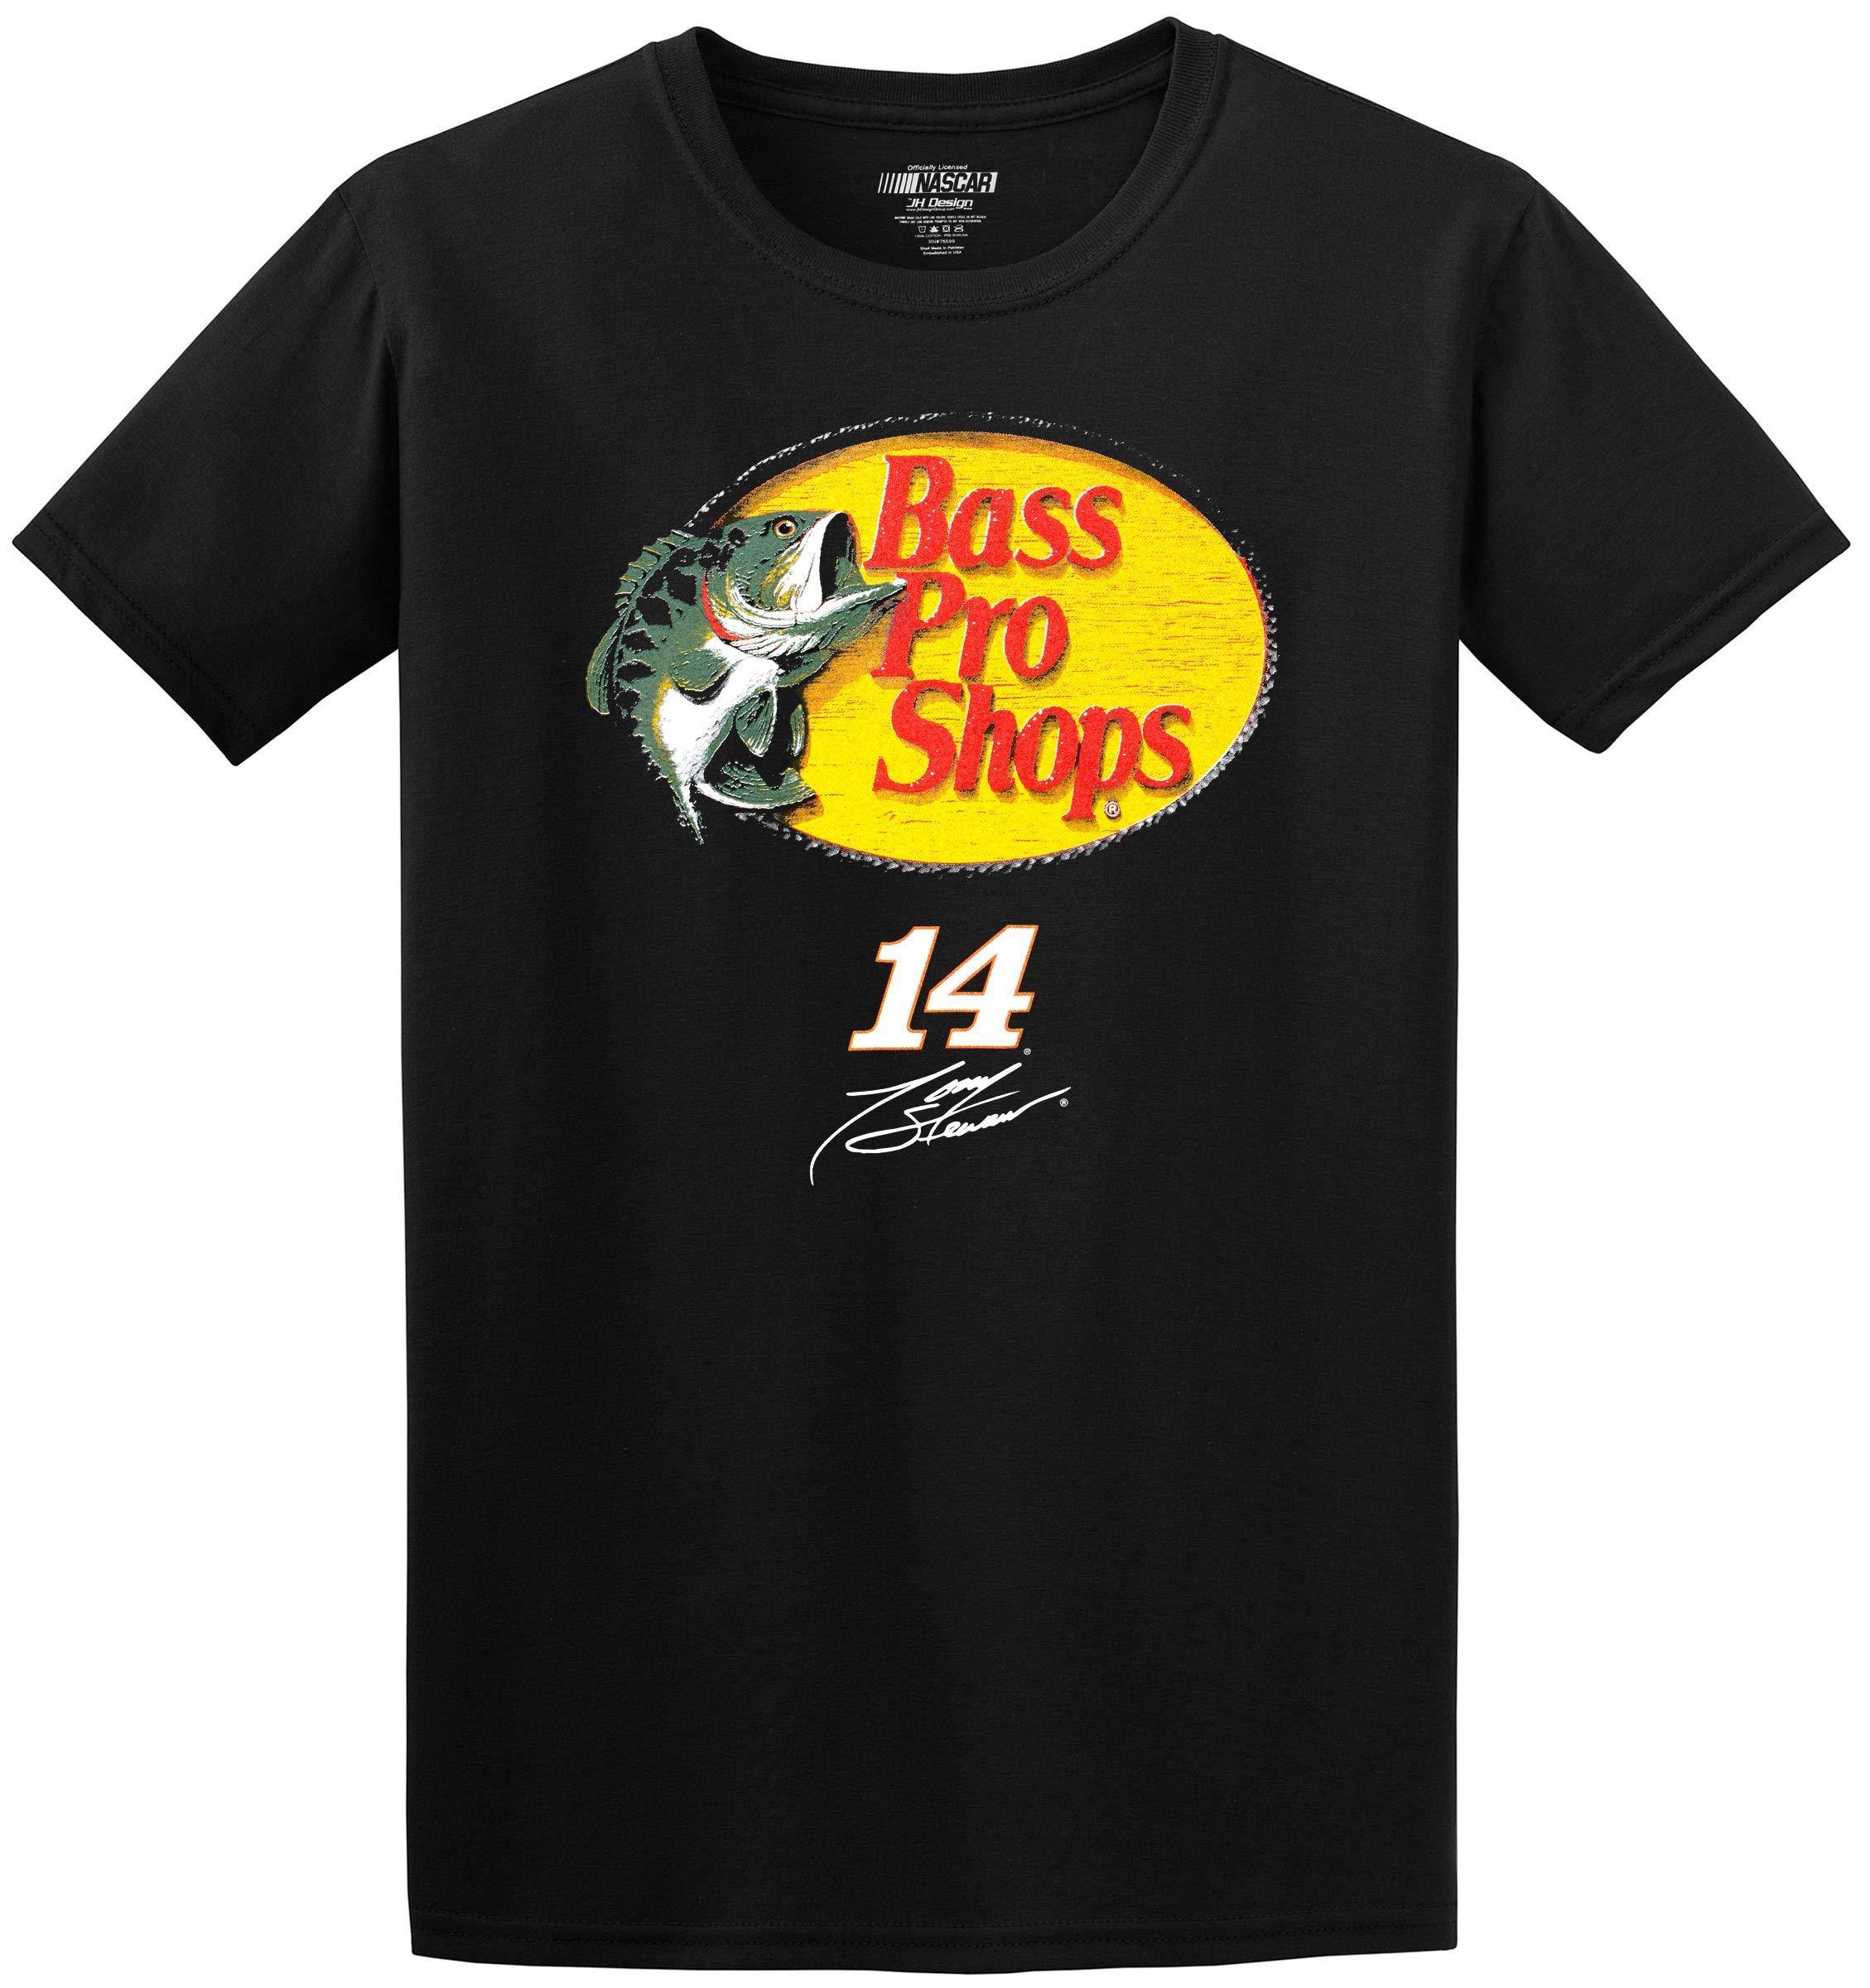 Tony Stewart Bass Pro Shop T Shirt Short Sleeve Graphic T Shirt 7647